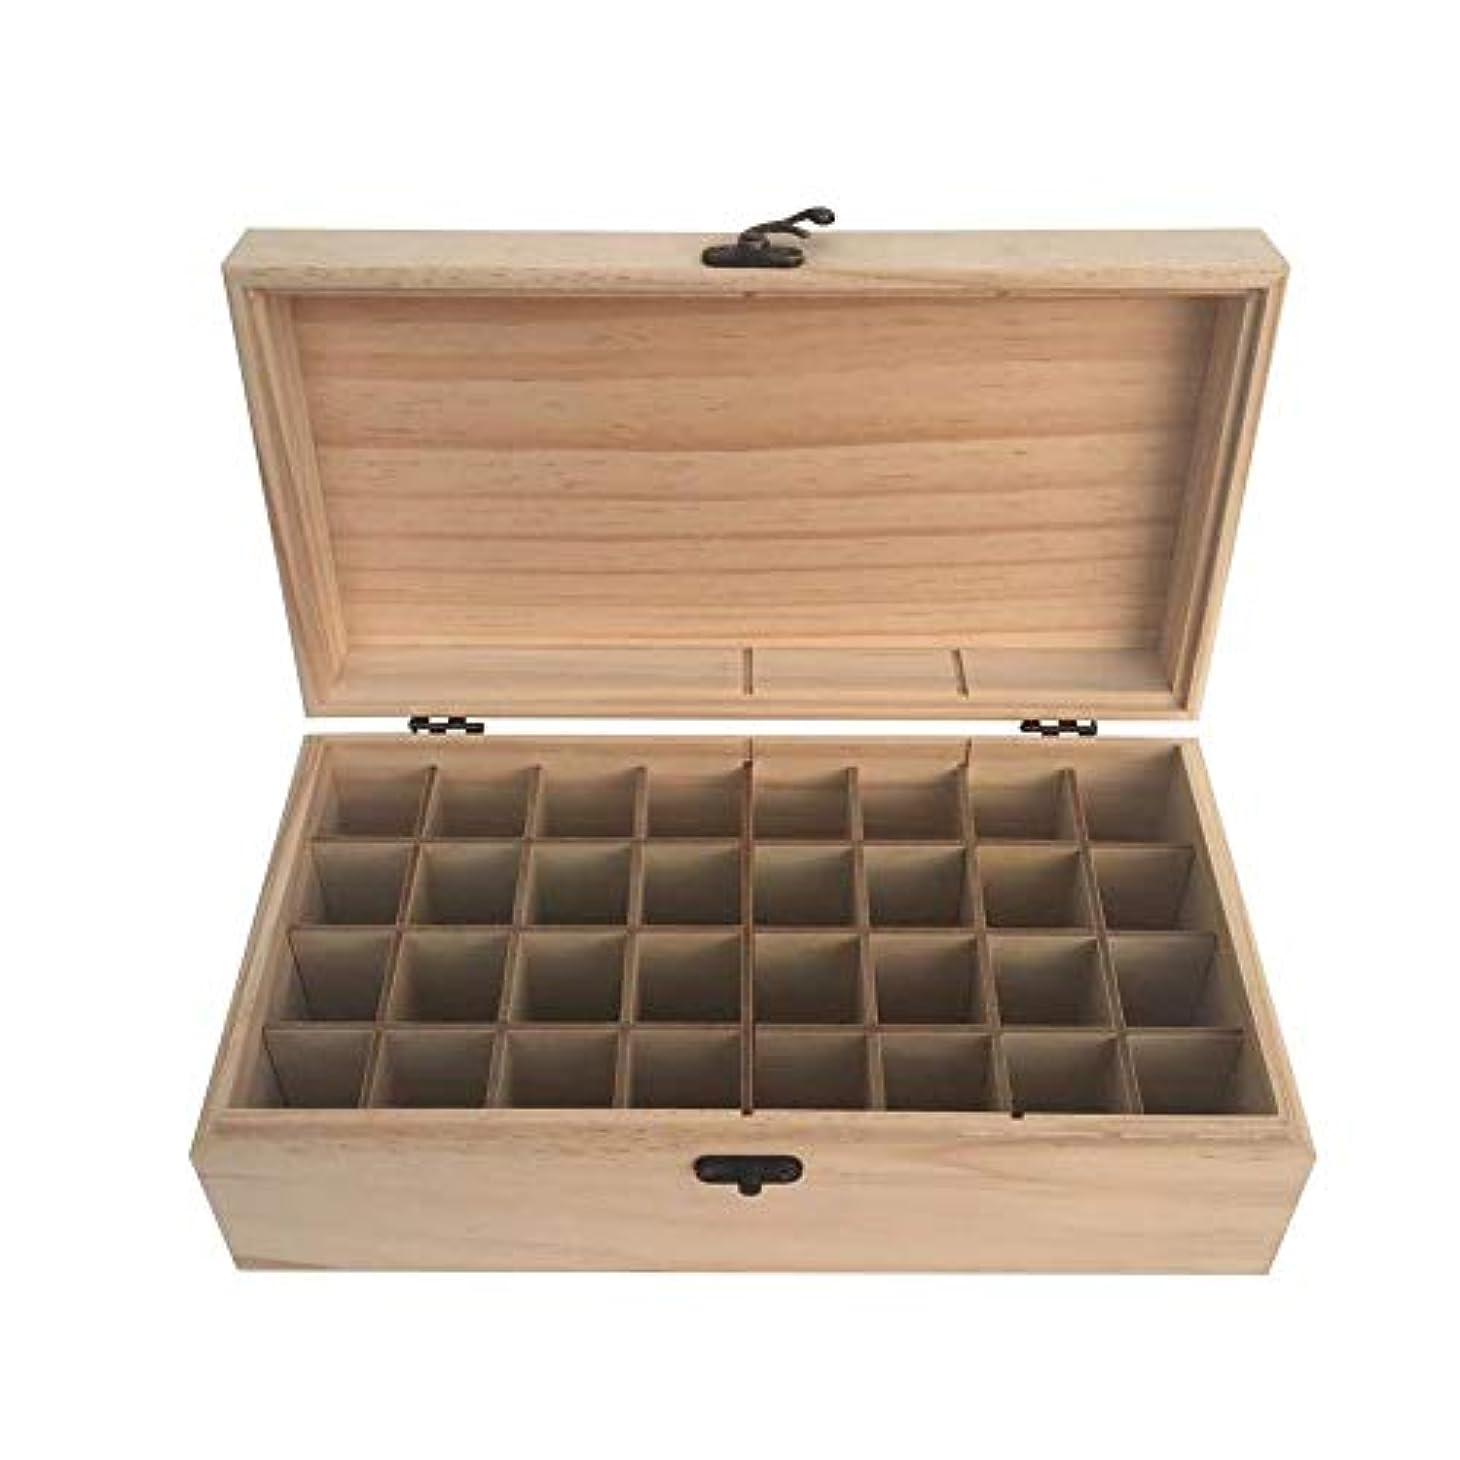 鉄スクラップブックスラックエッセンシャルオイル収納ボックス 精油収納ケース 大容量 32本収納可能 取り外し可能 木製 環境に優しい 5ml~15mlの精油ボルトに対応 junexi